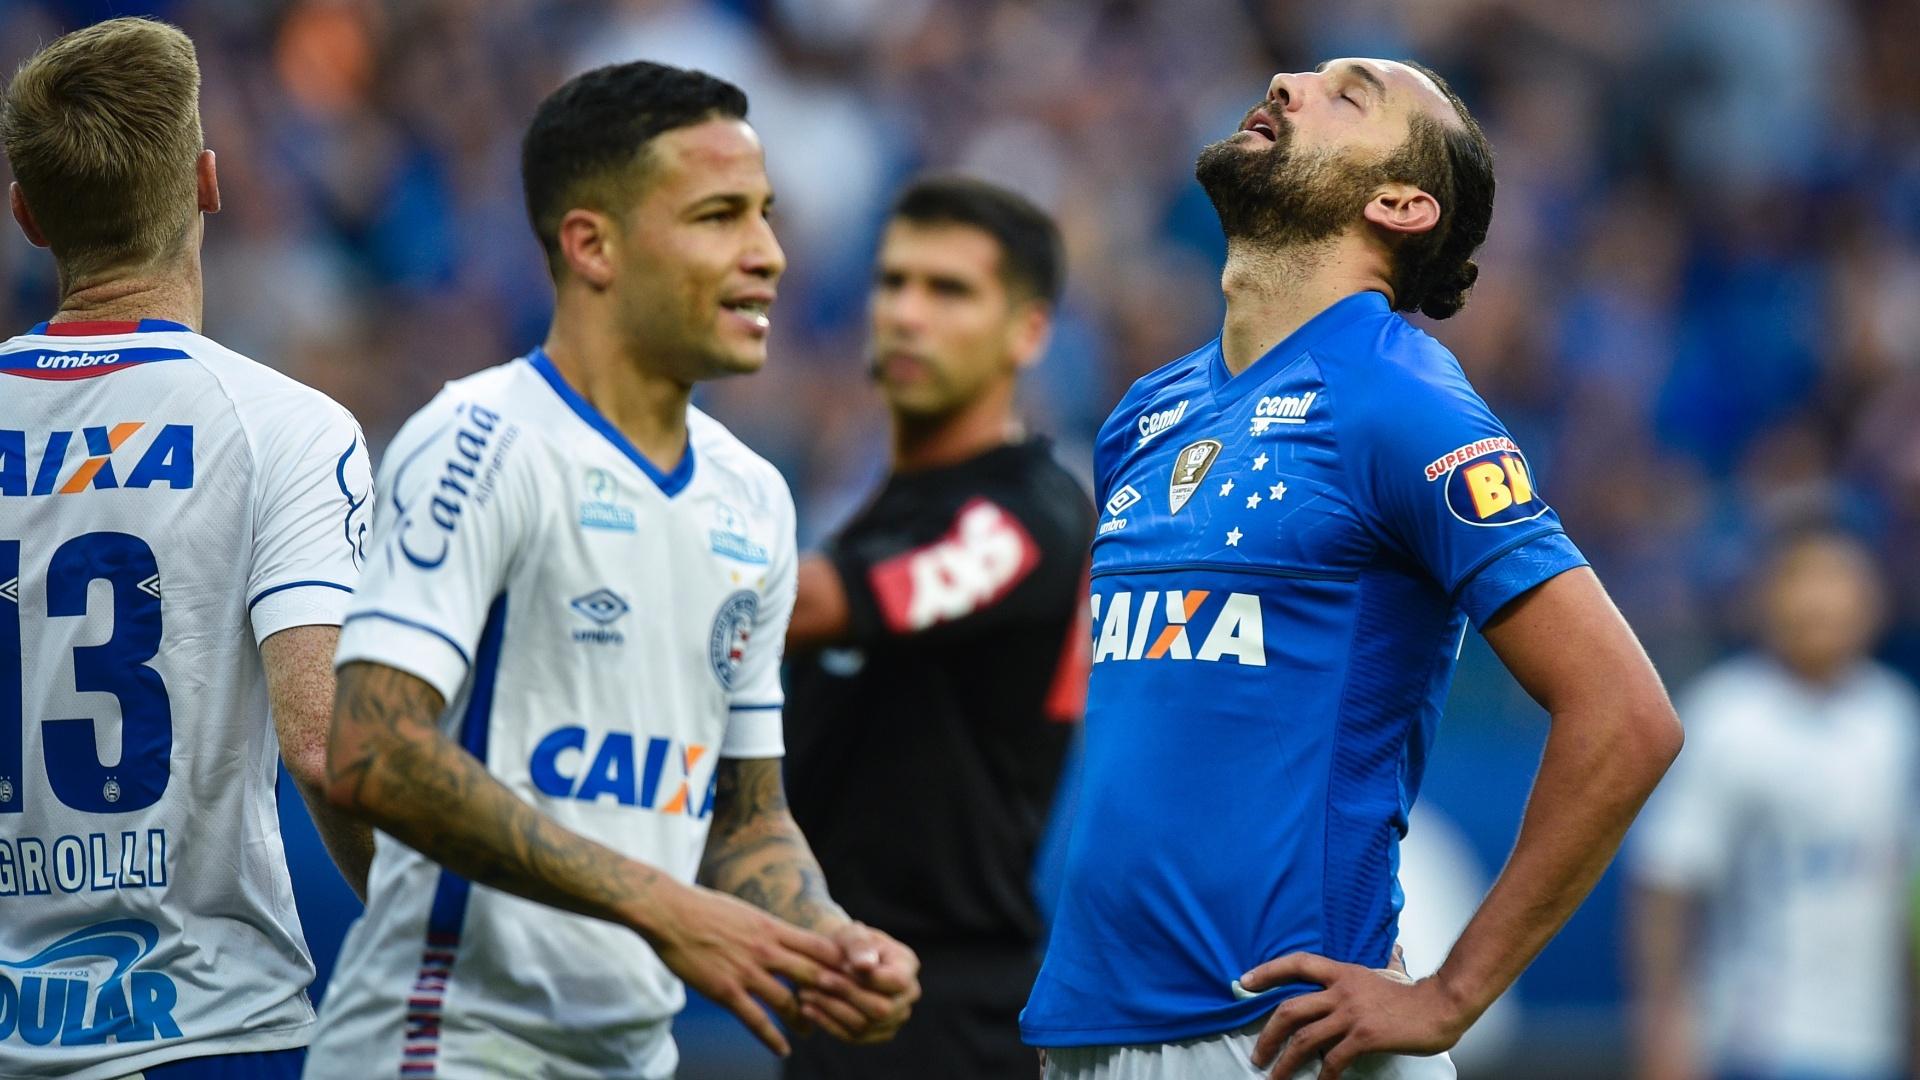 O atacante Barcos lamenta chance perdida pelo Cruzeiro diante do Bahia